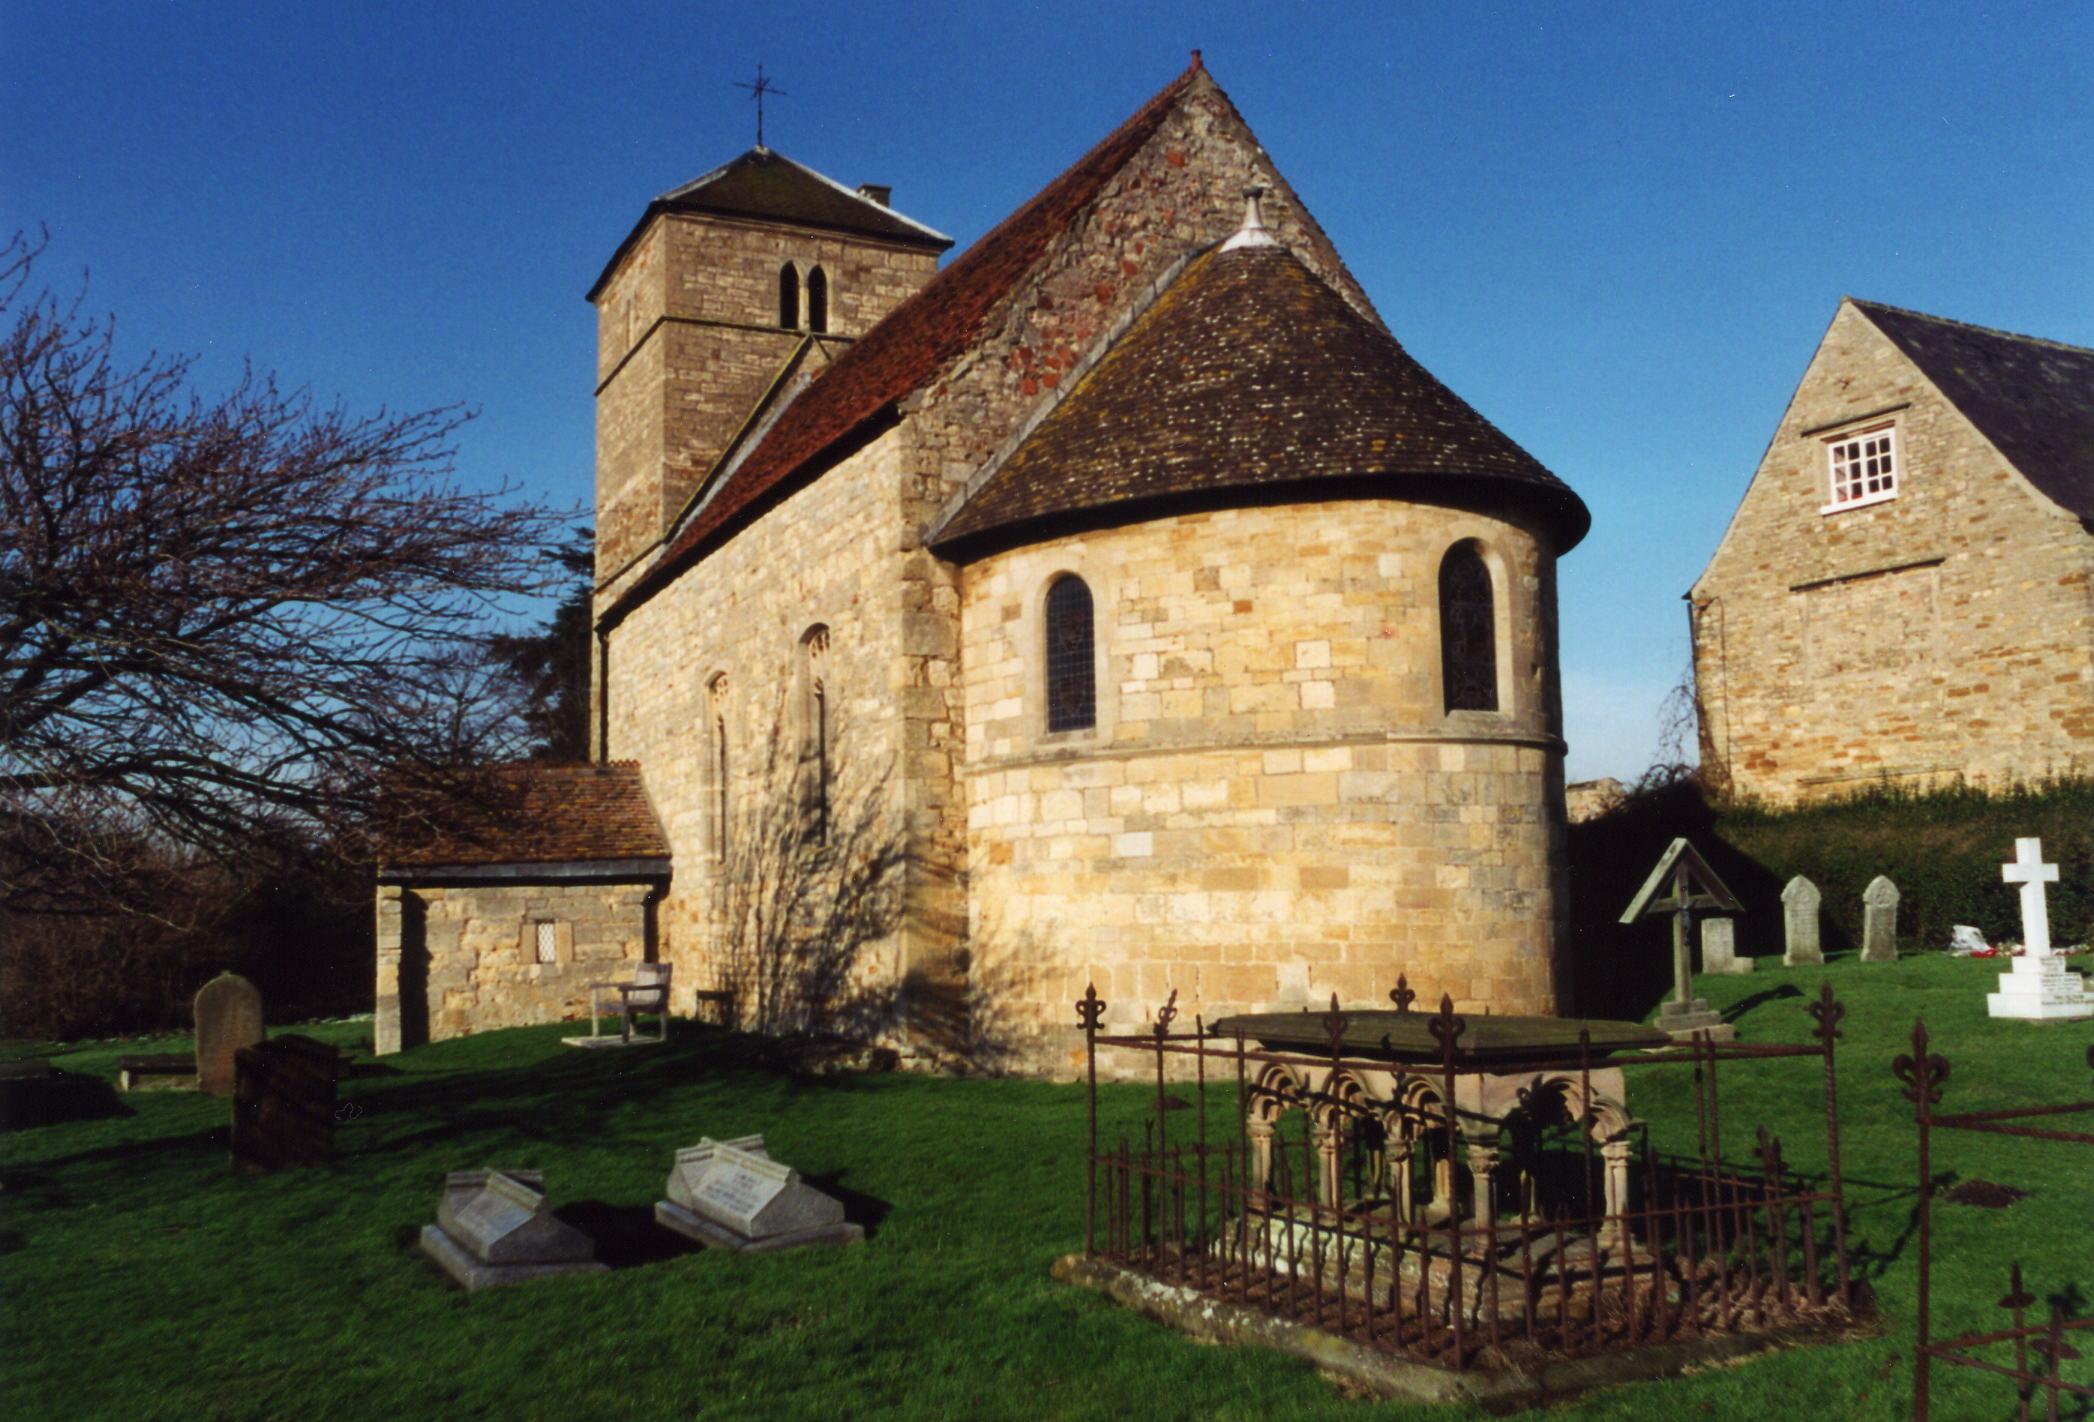 Greetwell All Saints church 2